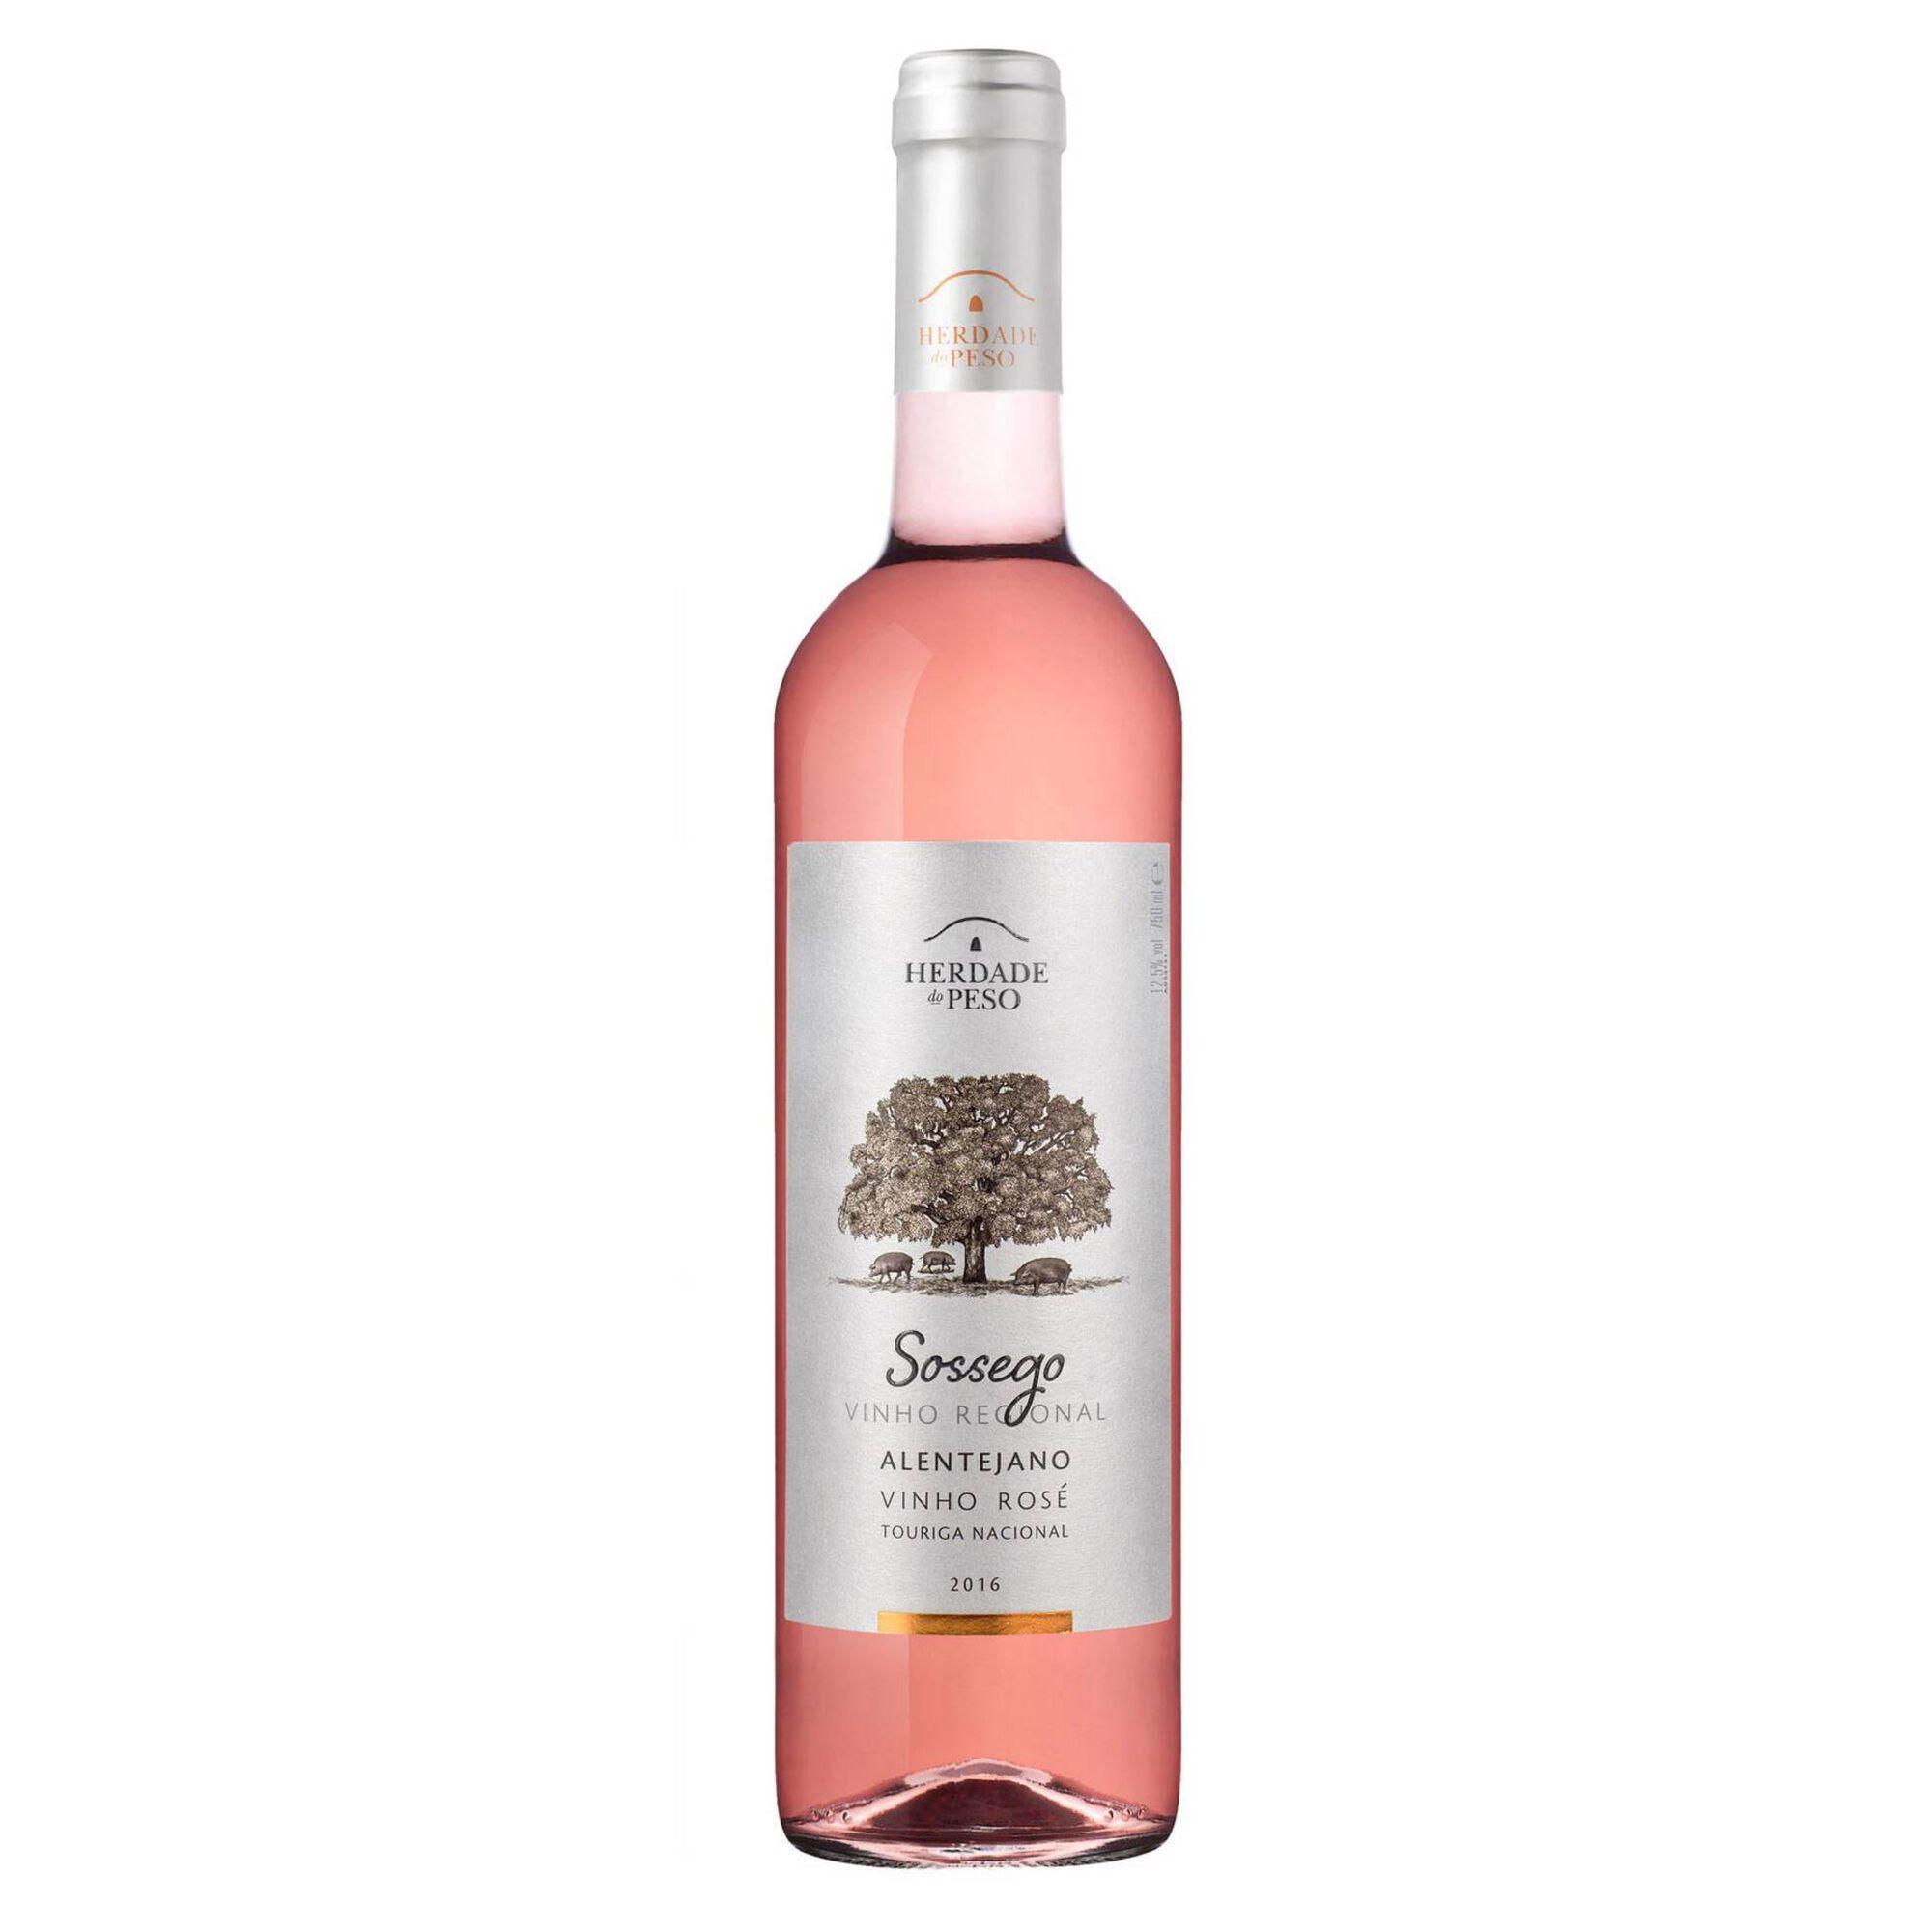 Sossego Regional Alentejano Vinho Rosé